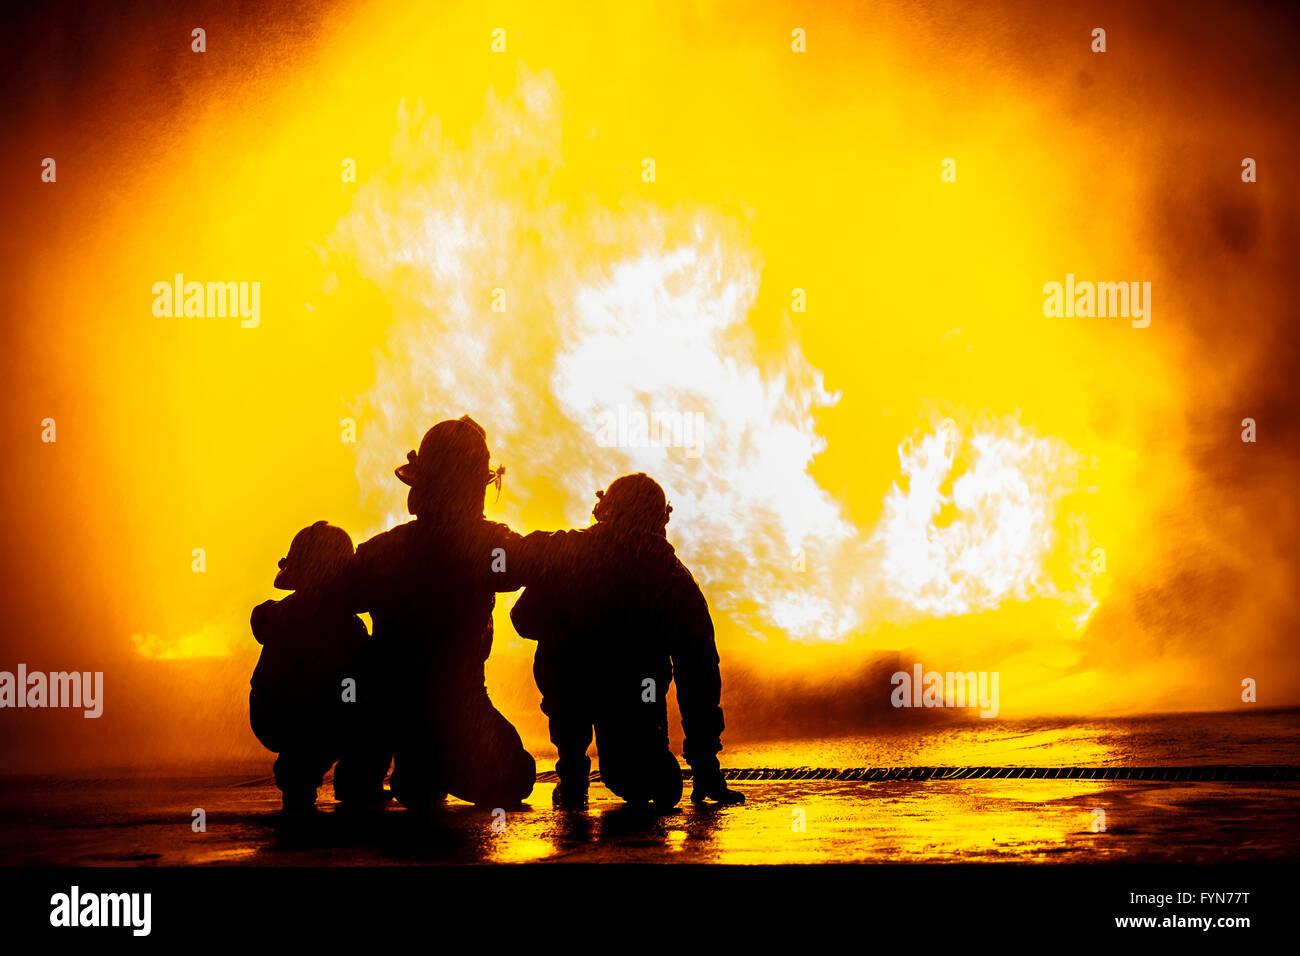 Los bomberos delante de un tanque ardiendo Foto de stock